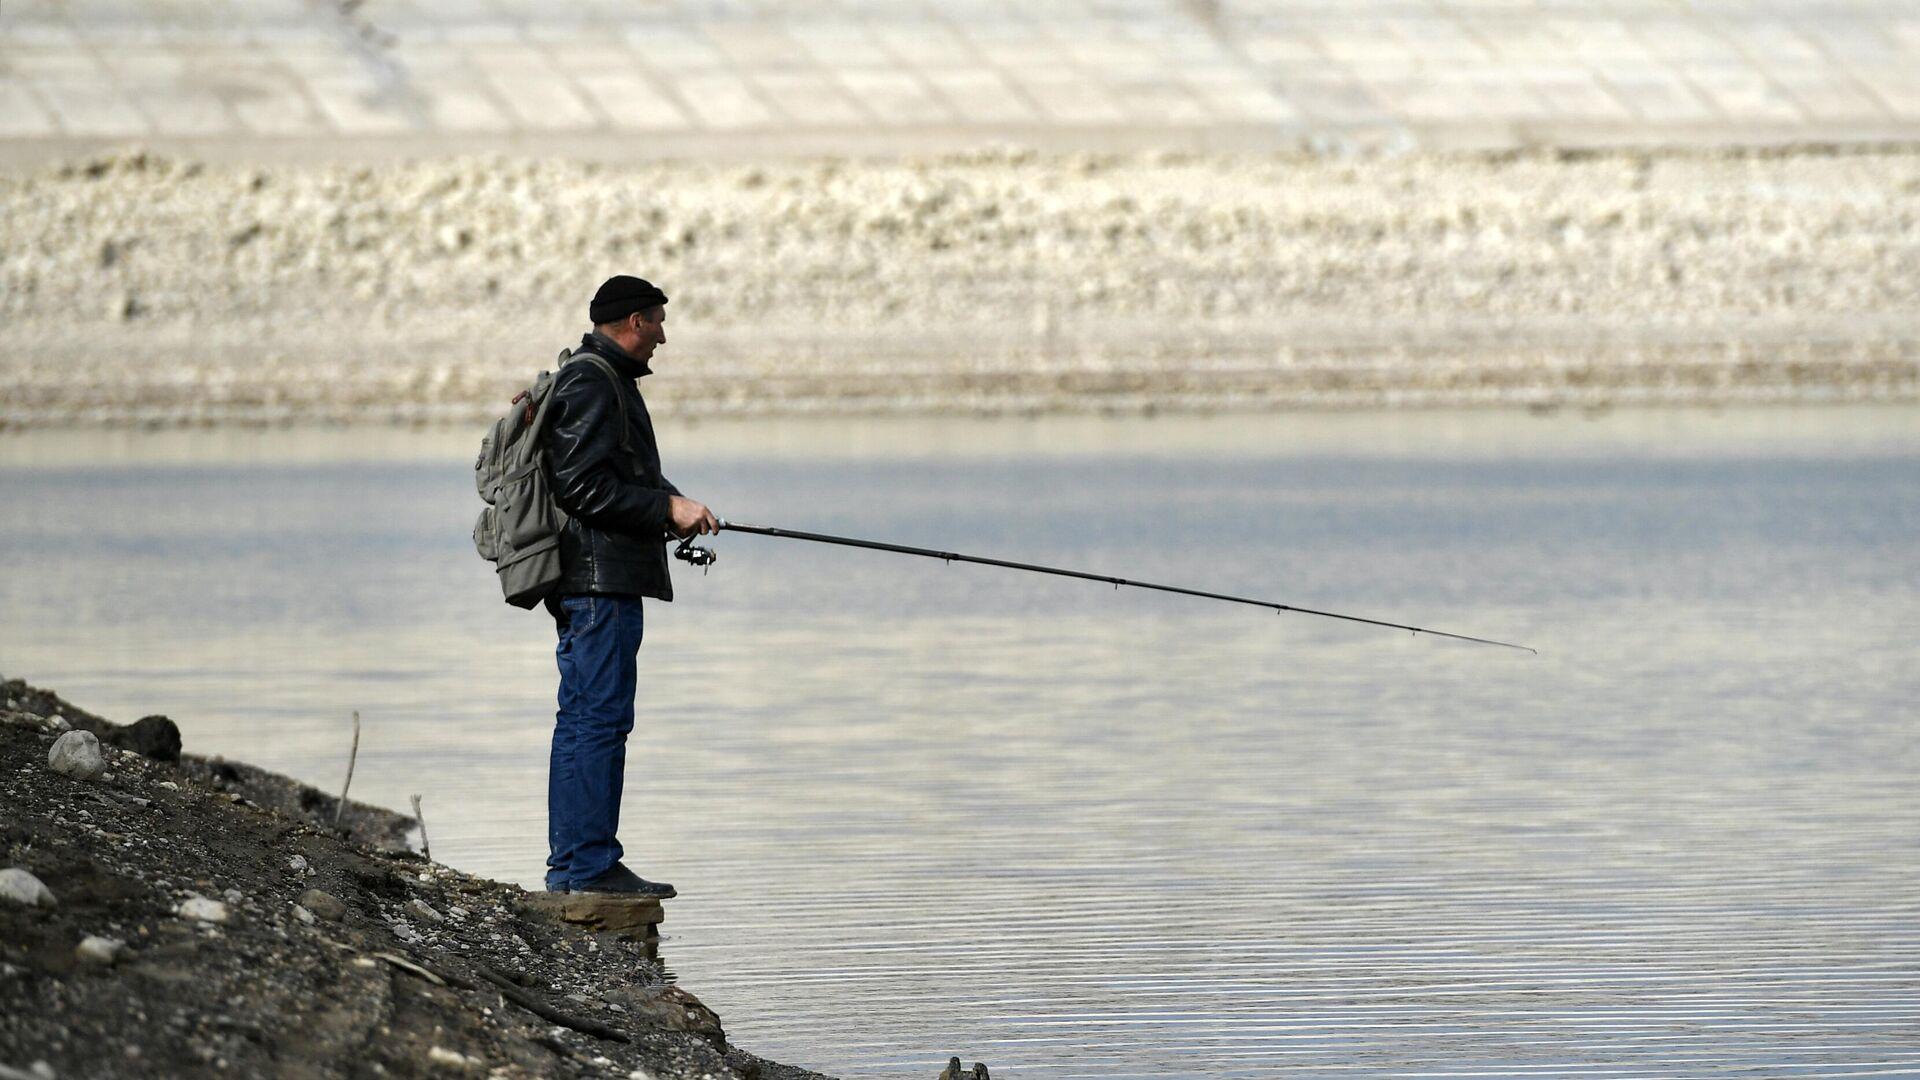 Человек ловит рыбу на берегу Аянского водохранилища в Крыму - РИА Новости, 1920, 25.12.2020